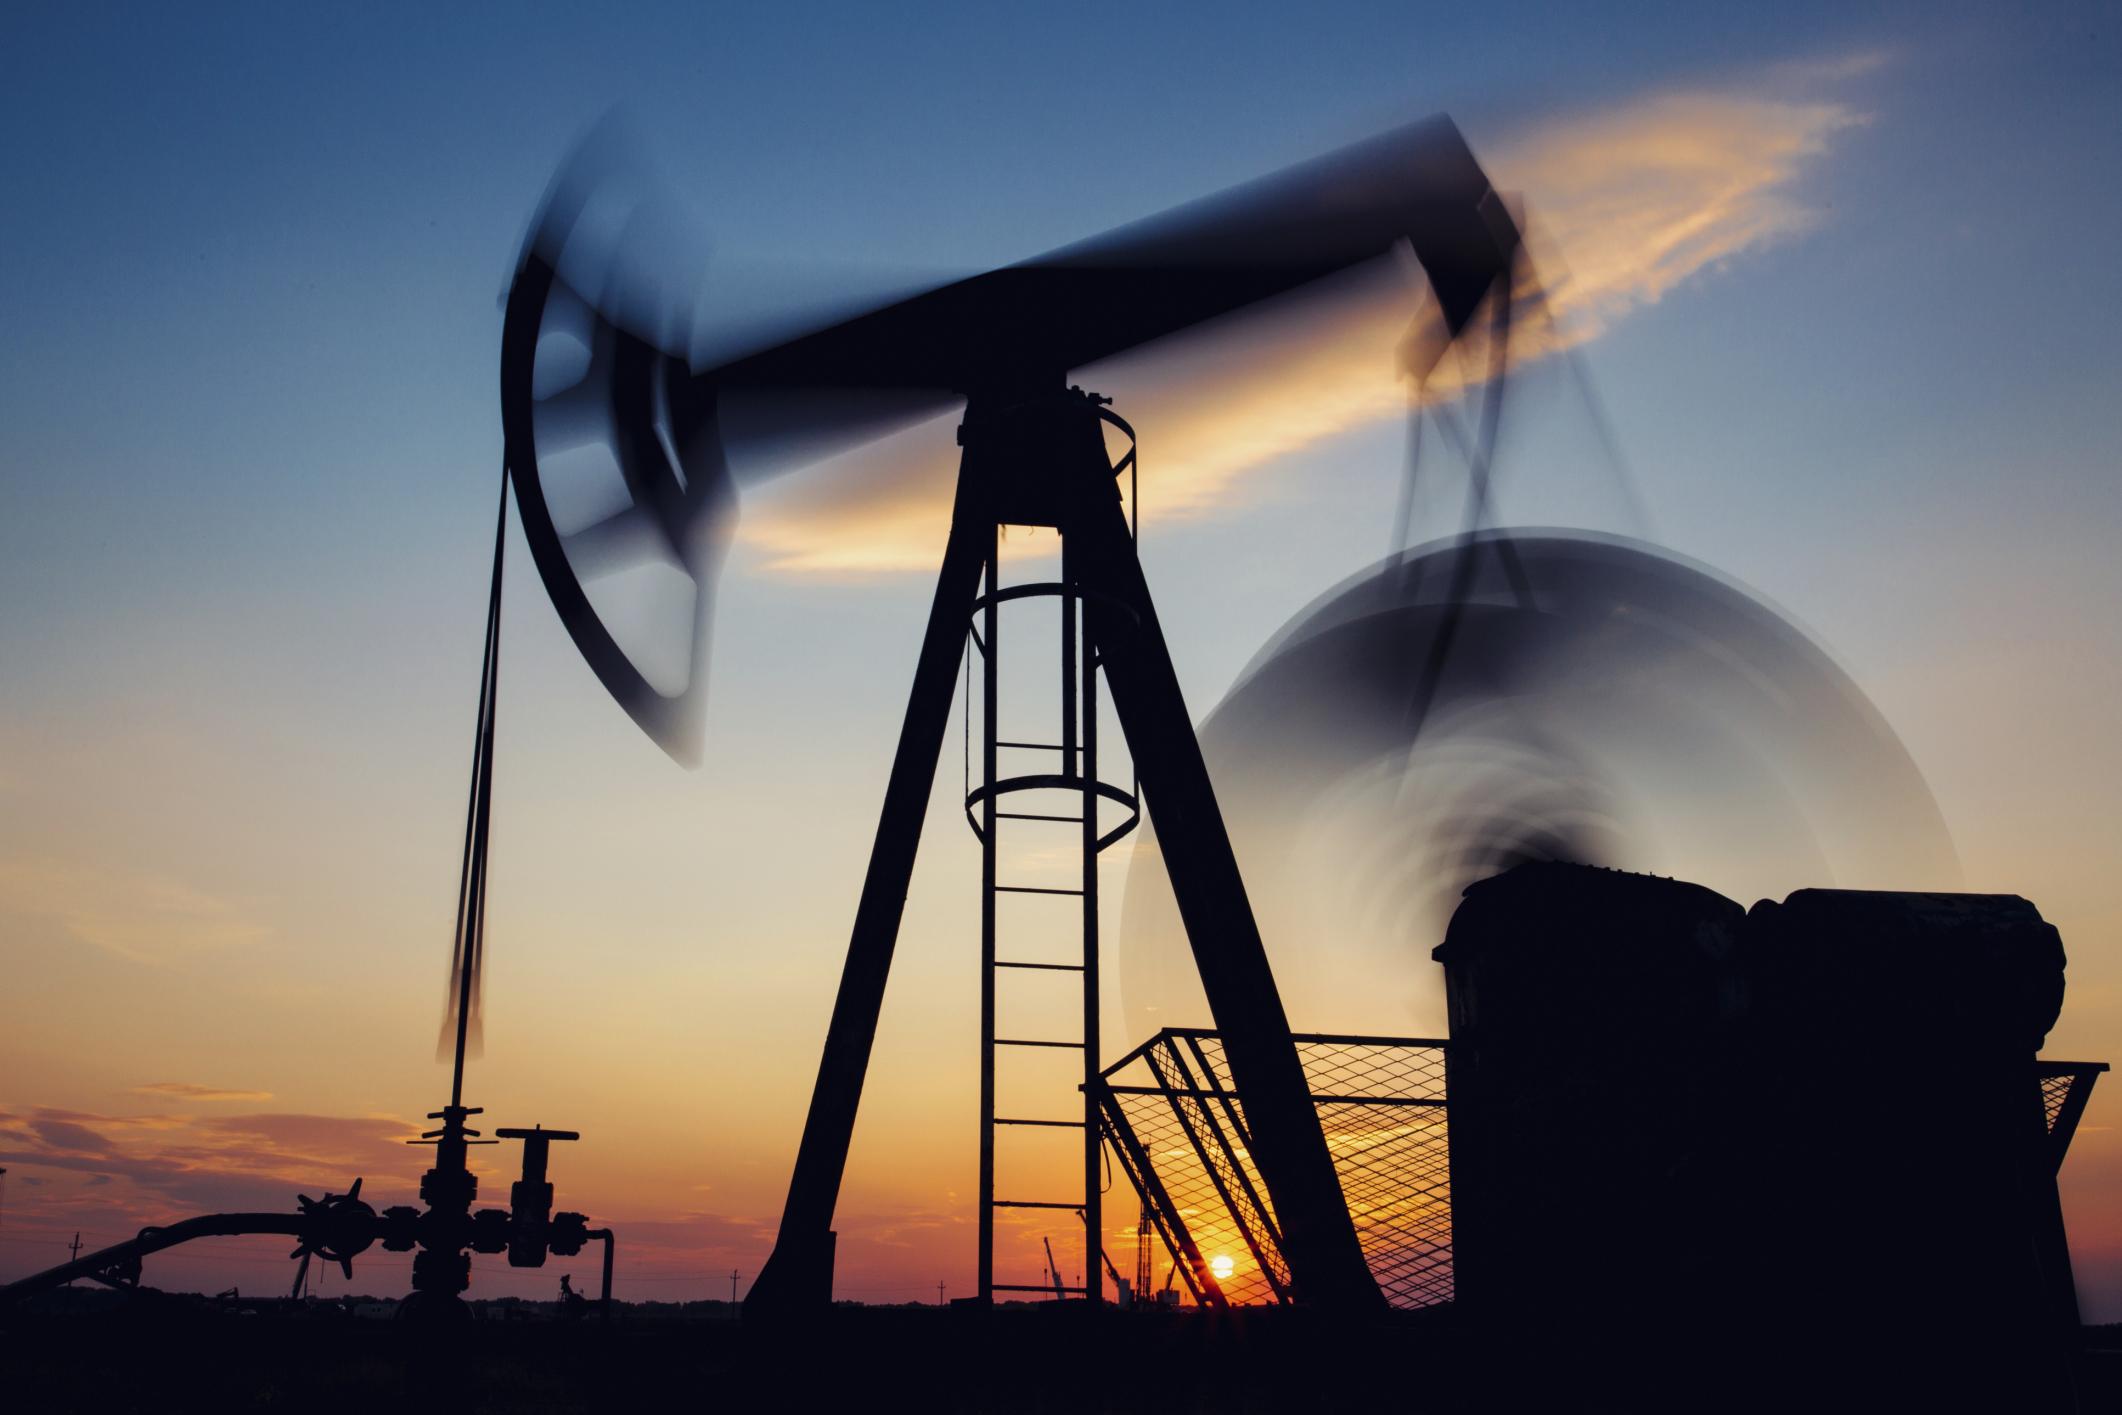 Oil pumpjack pumping oil.